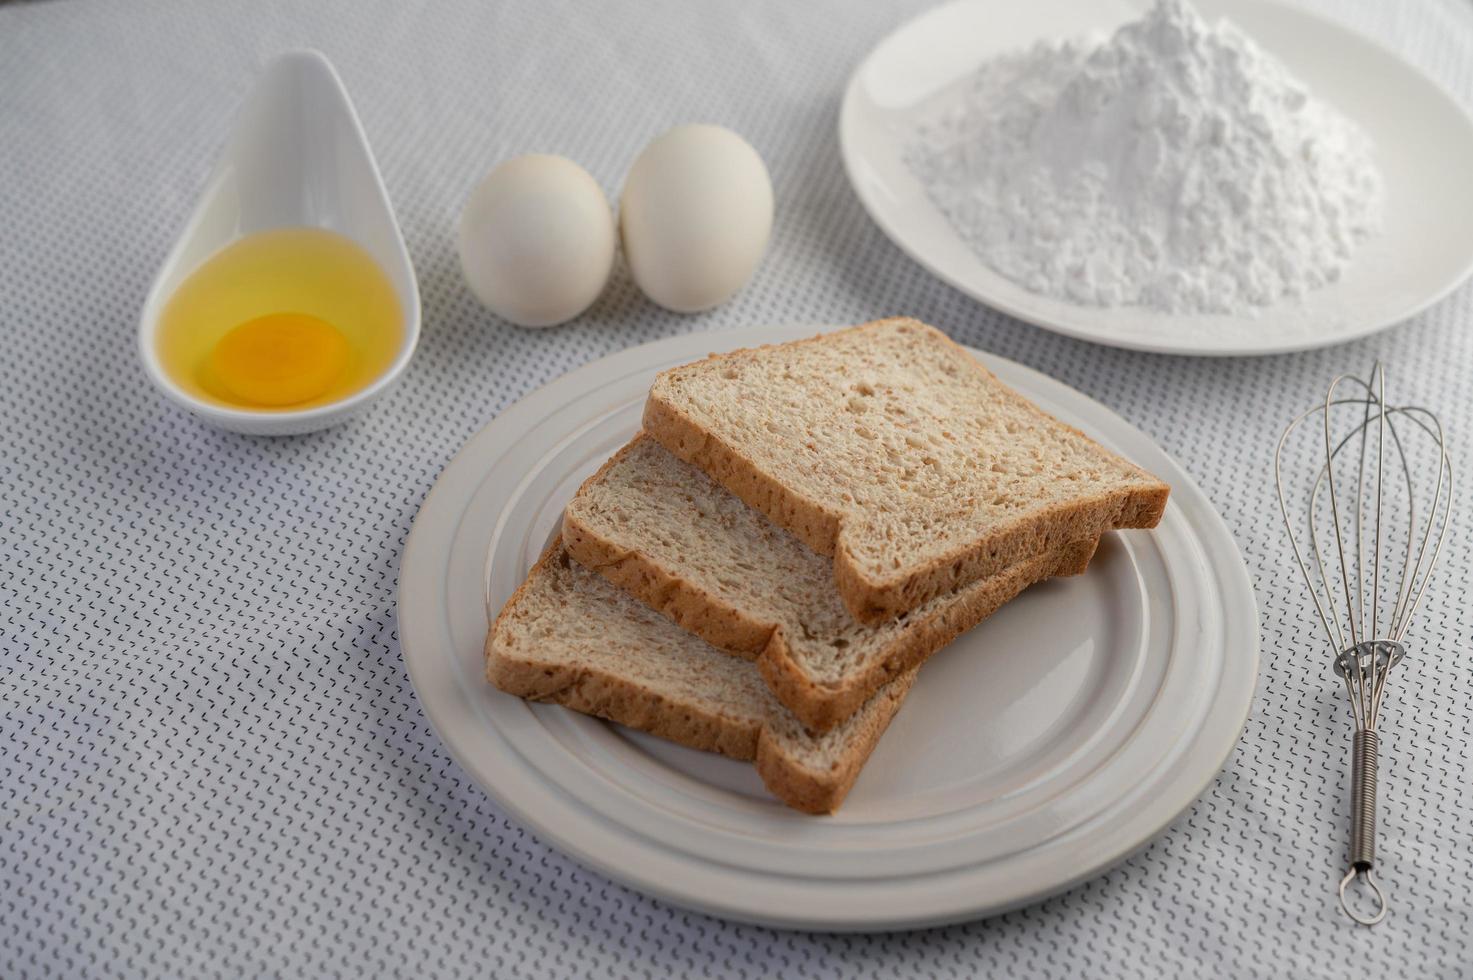 ingrediënten van eieren en tapiocameel foto